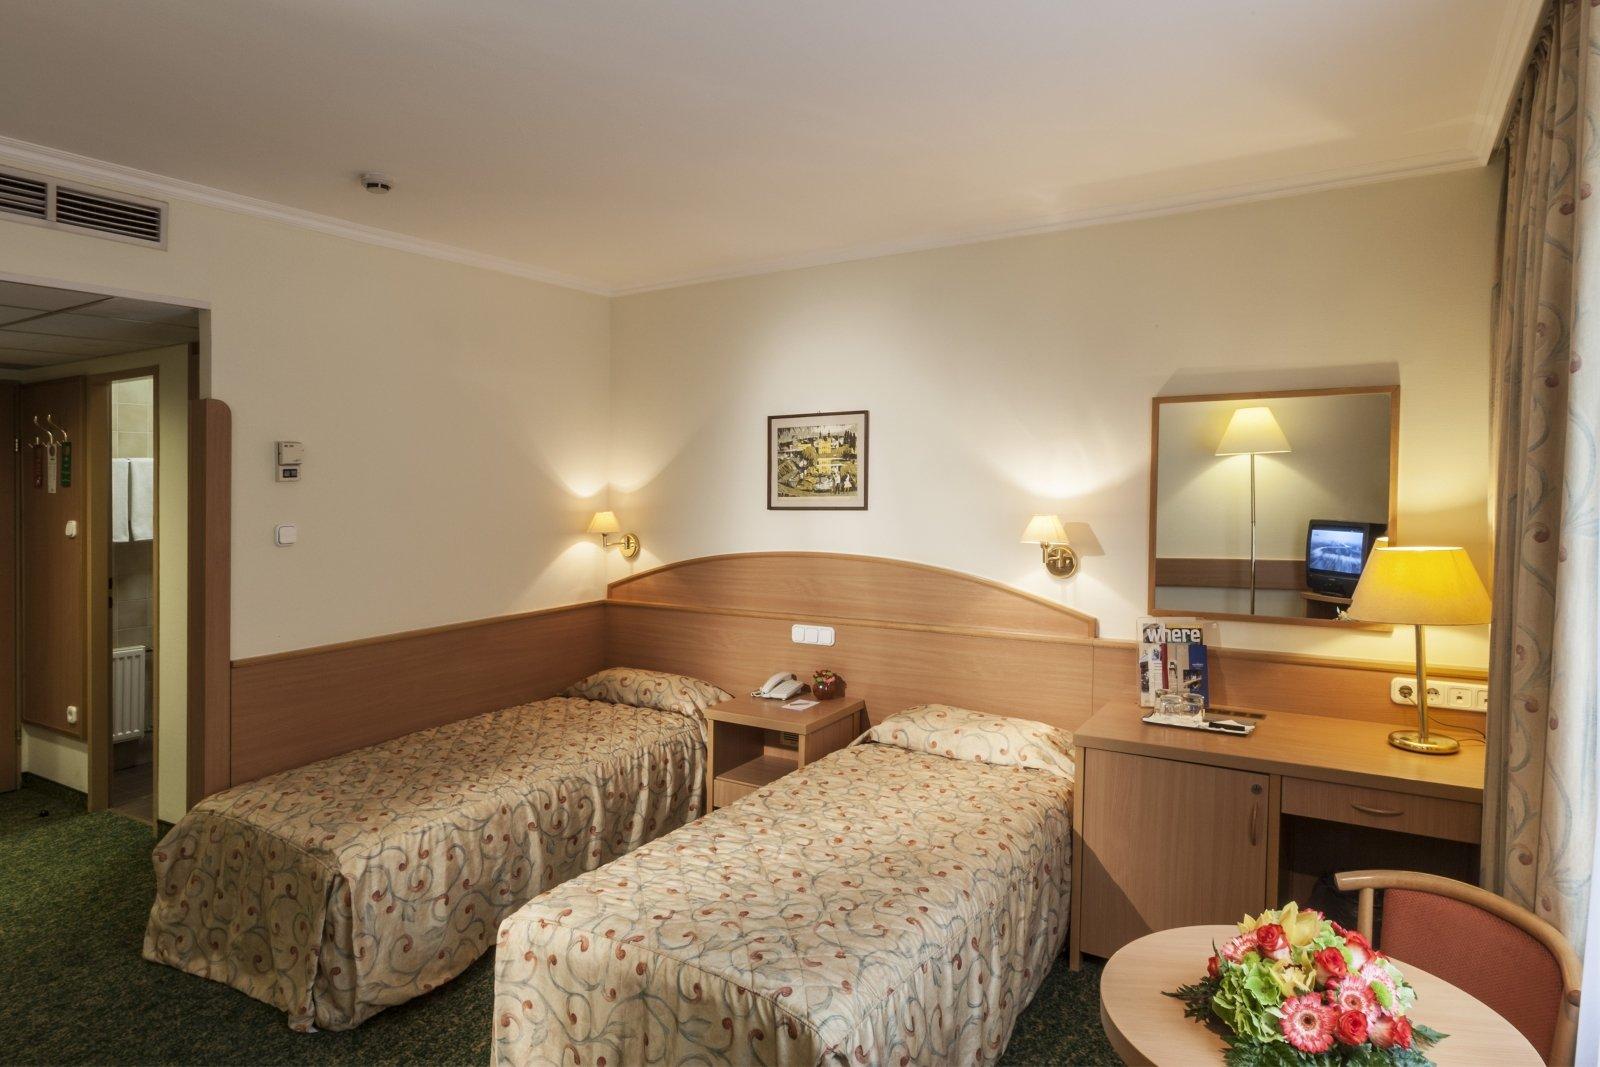 R servation de chambre budapest chambre d 39 h tel for Reservation de chambre